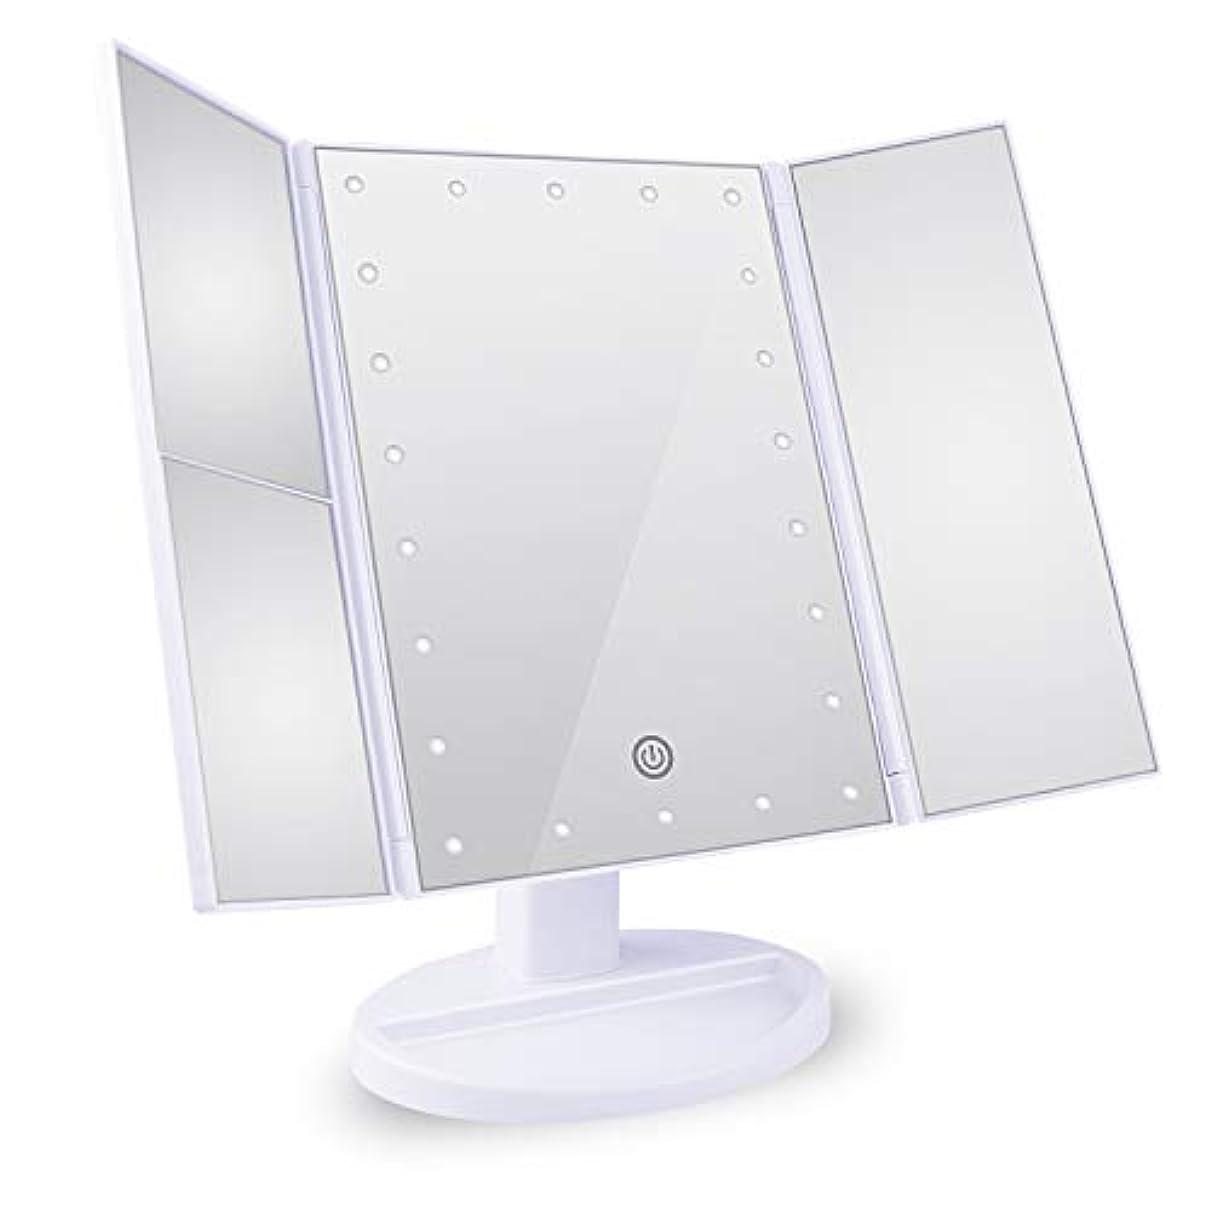 アウトドアくさび流産Tree. NB 化粧鏡 卓上鏡 拡大鏡 鏡 メイクミラー 2倍&3倍拡大可能 LEDライトミラー 明るさ調節可能 180°回転 電池&USB 2WAY給電